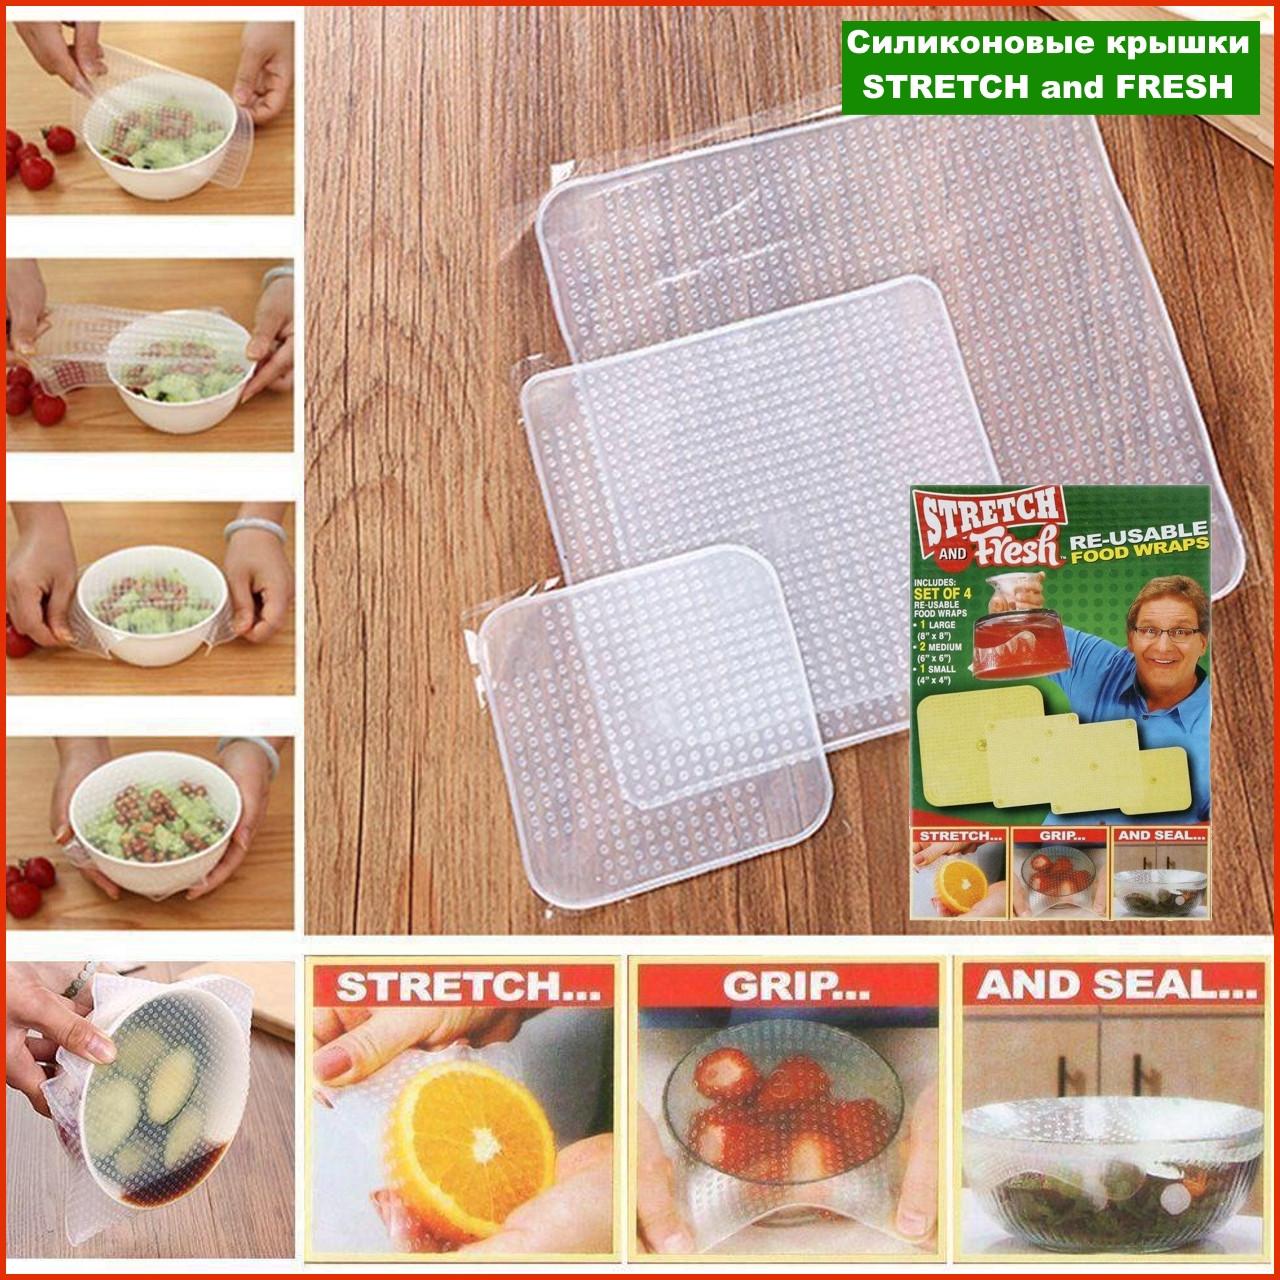 Набір багаторазових силіконових кришок плівок Stretch and Fresh різного розміру для зберігання продуктів